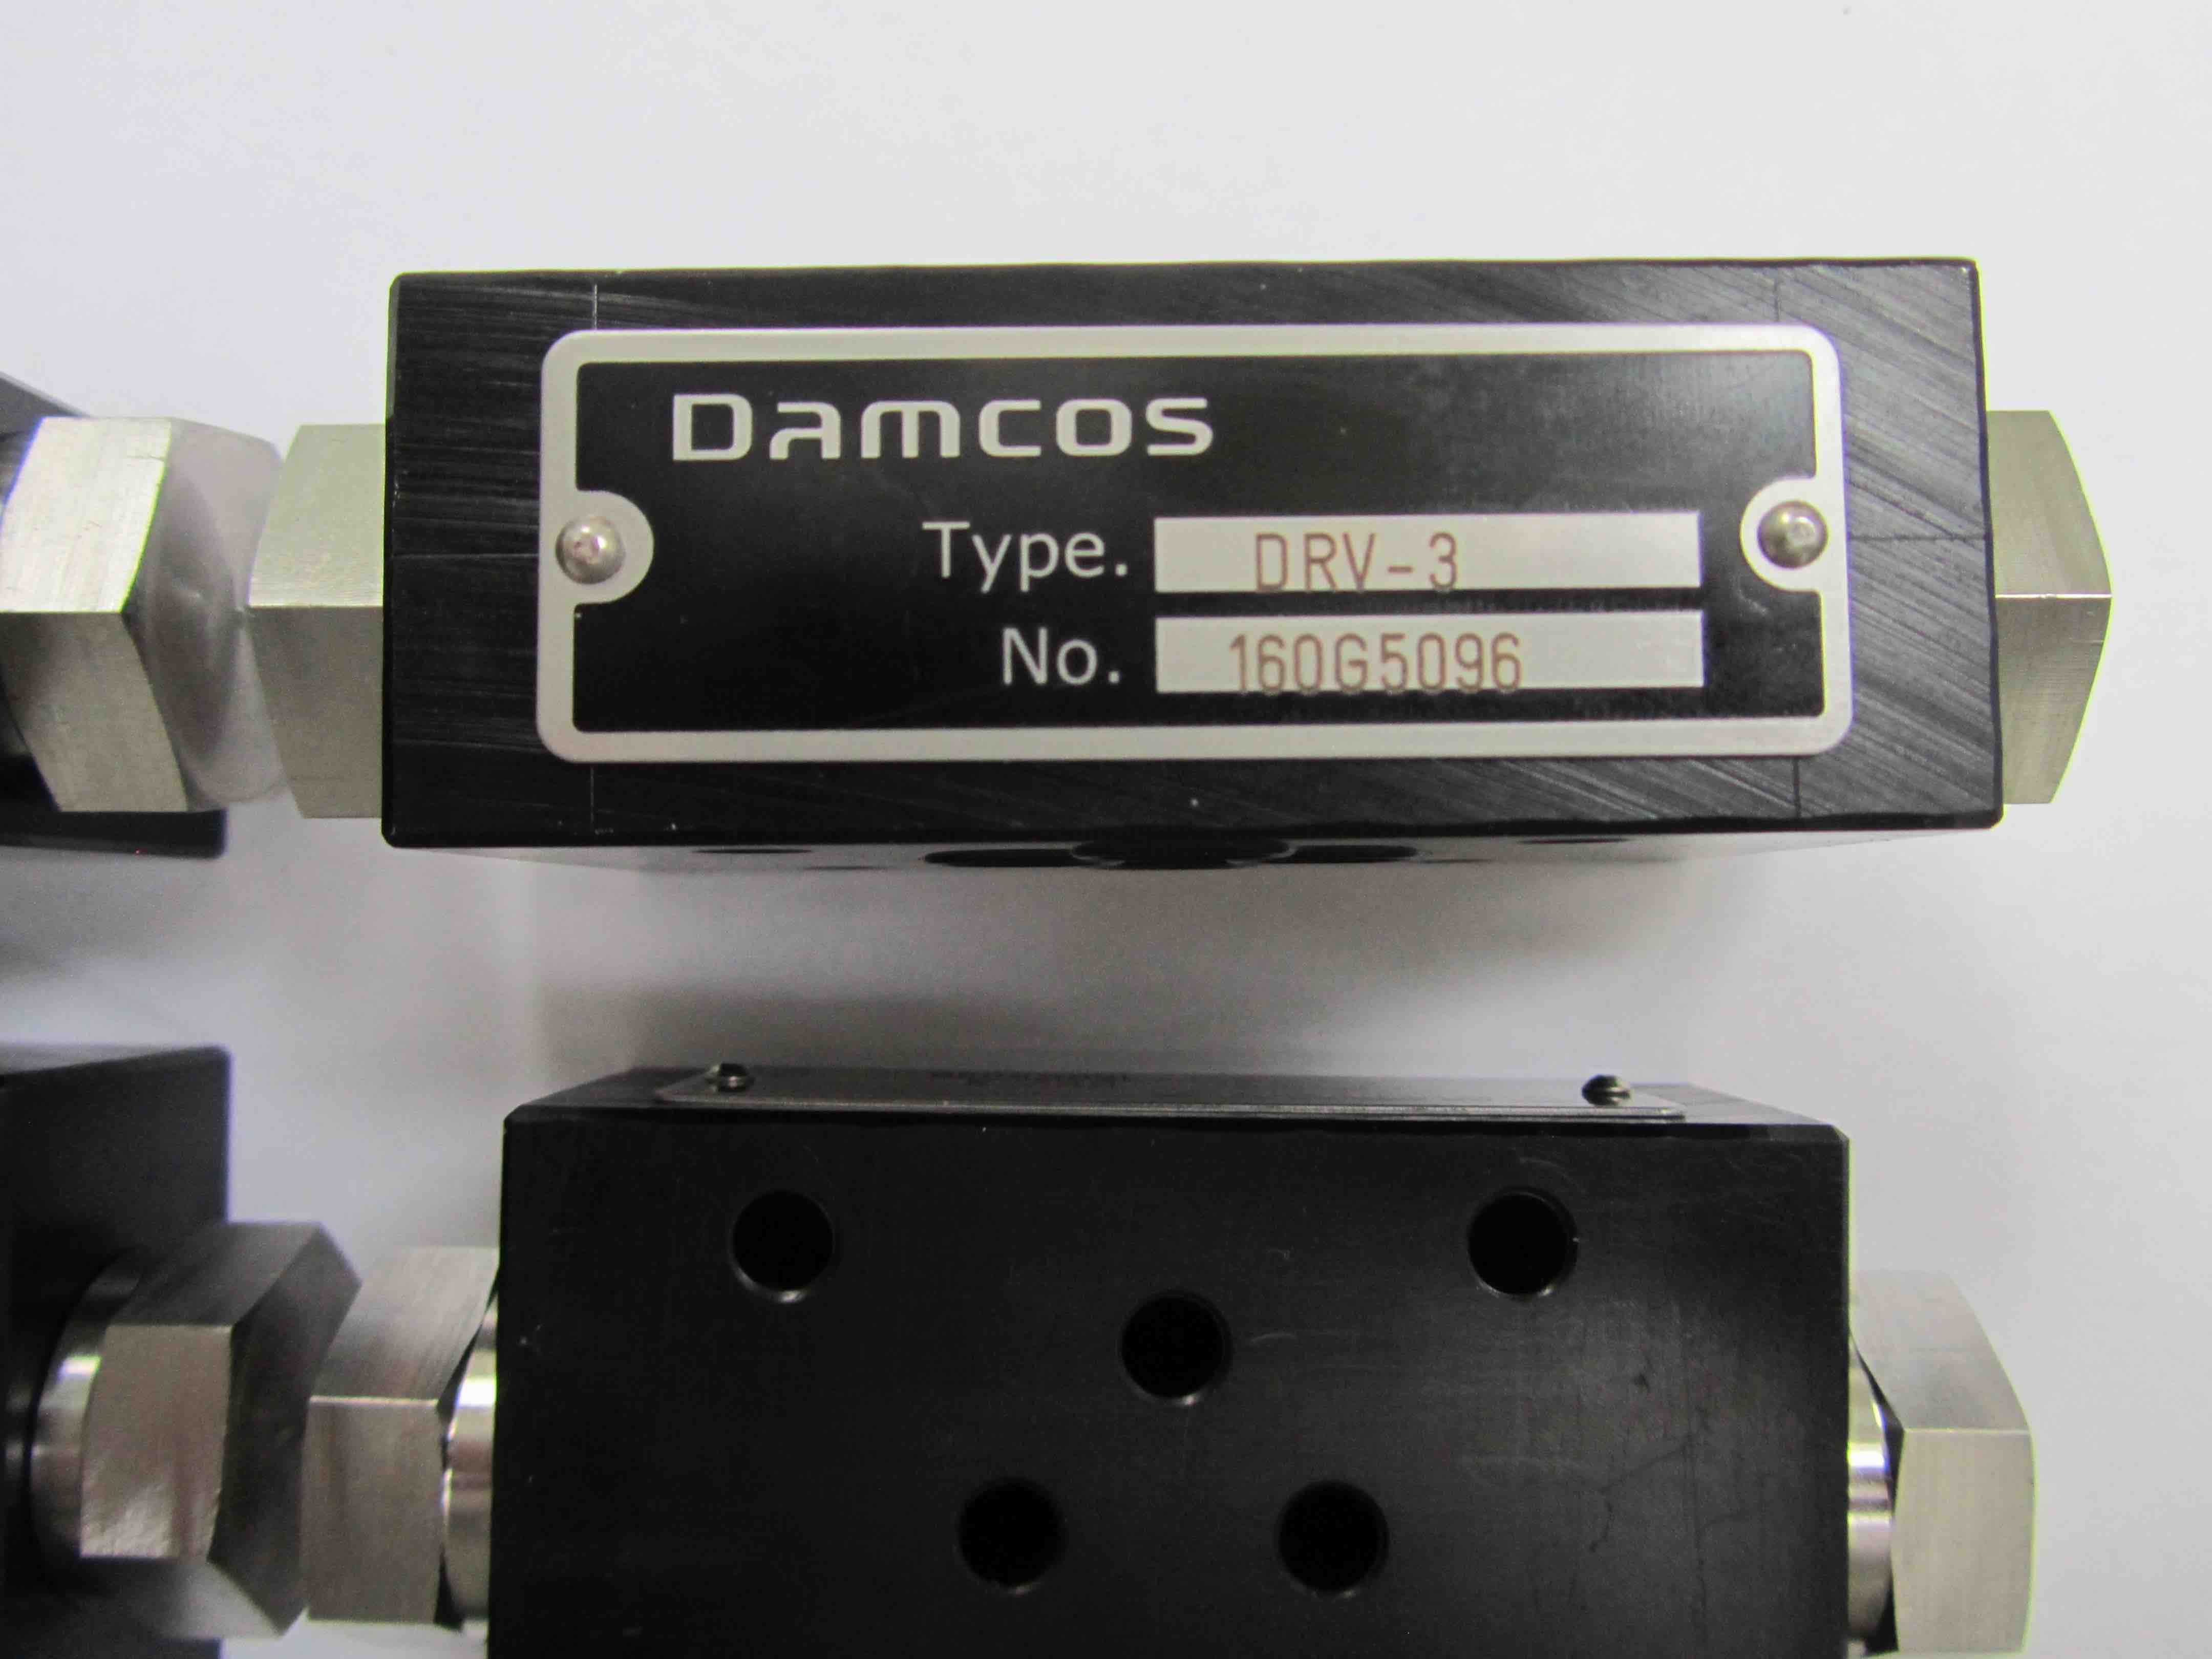 DRV-3 Alu 160G5096